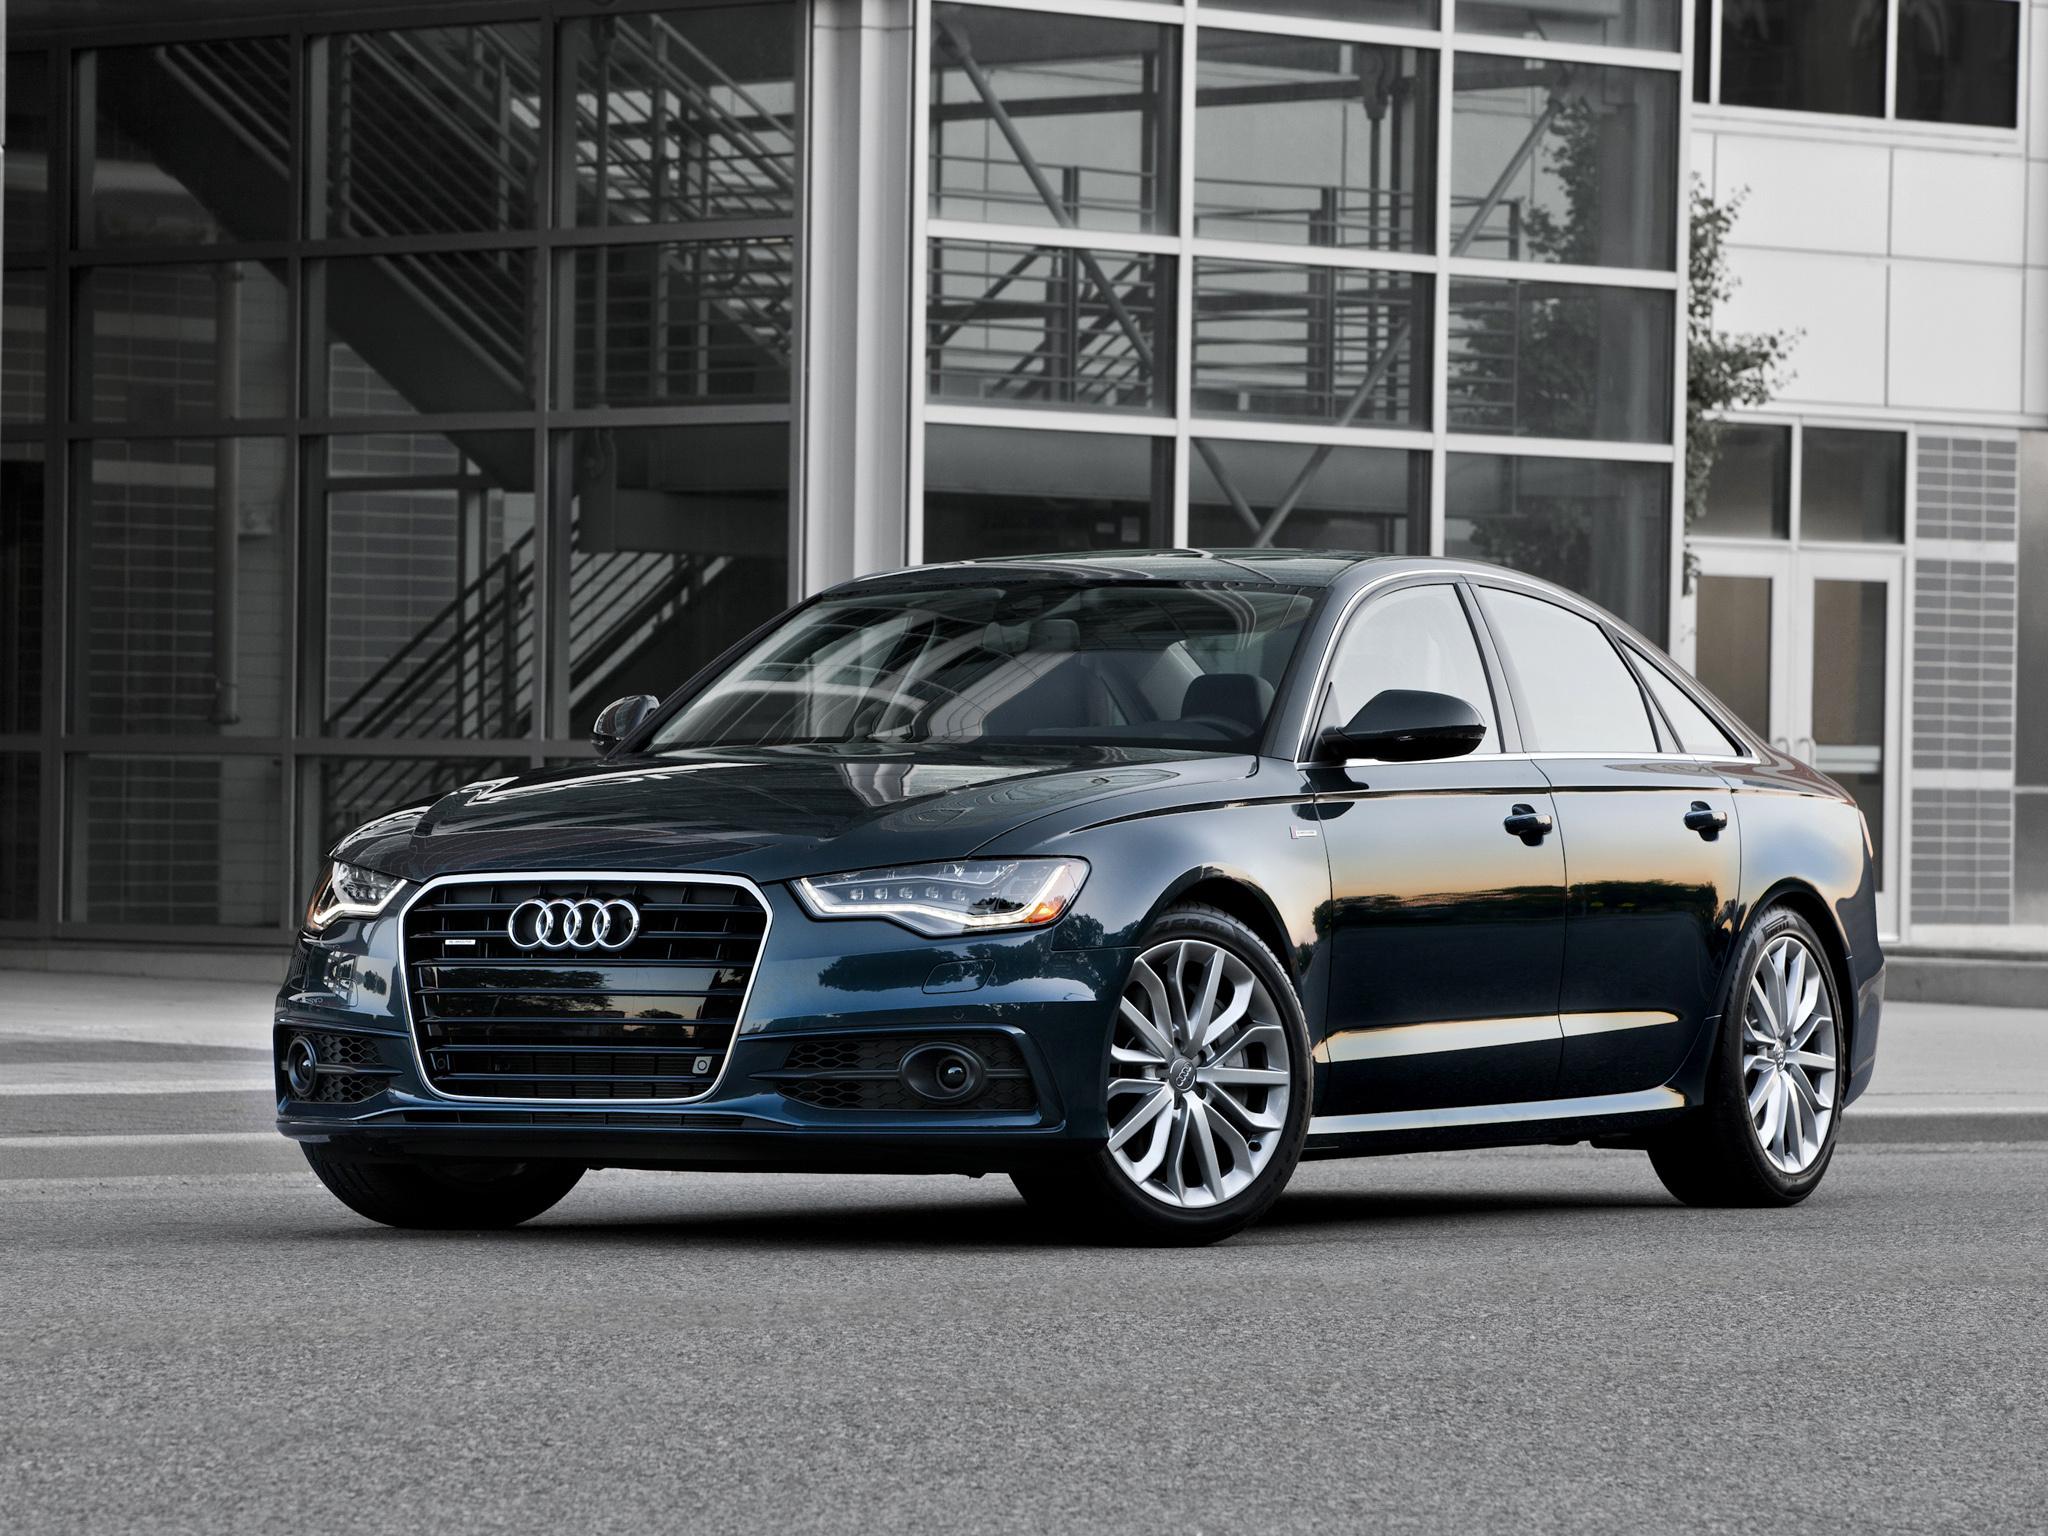 Audi A6 Fondo De Pantalla Hd Fondo De Escritorio